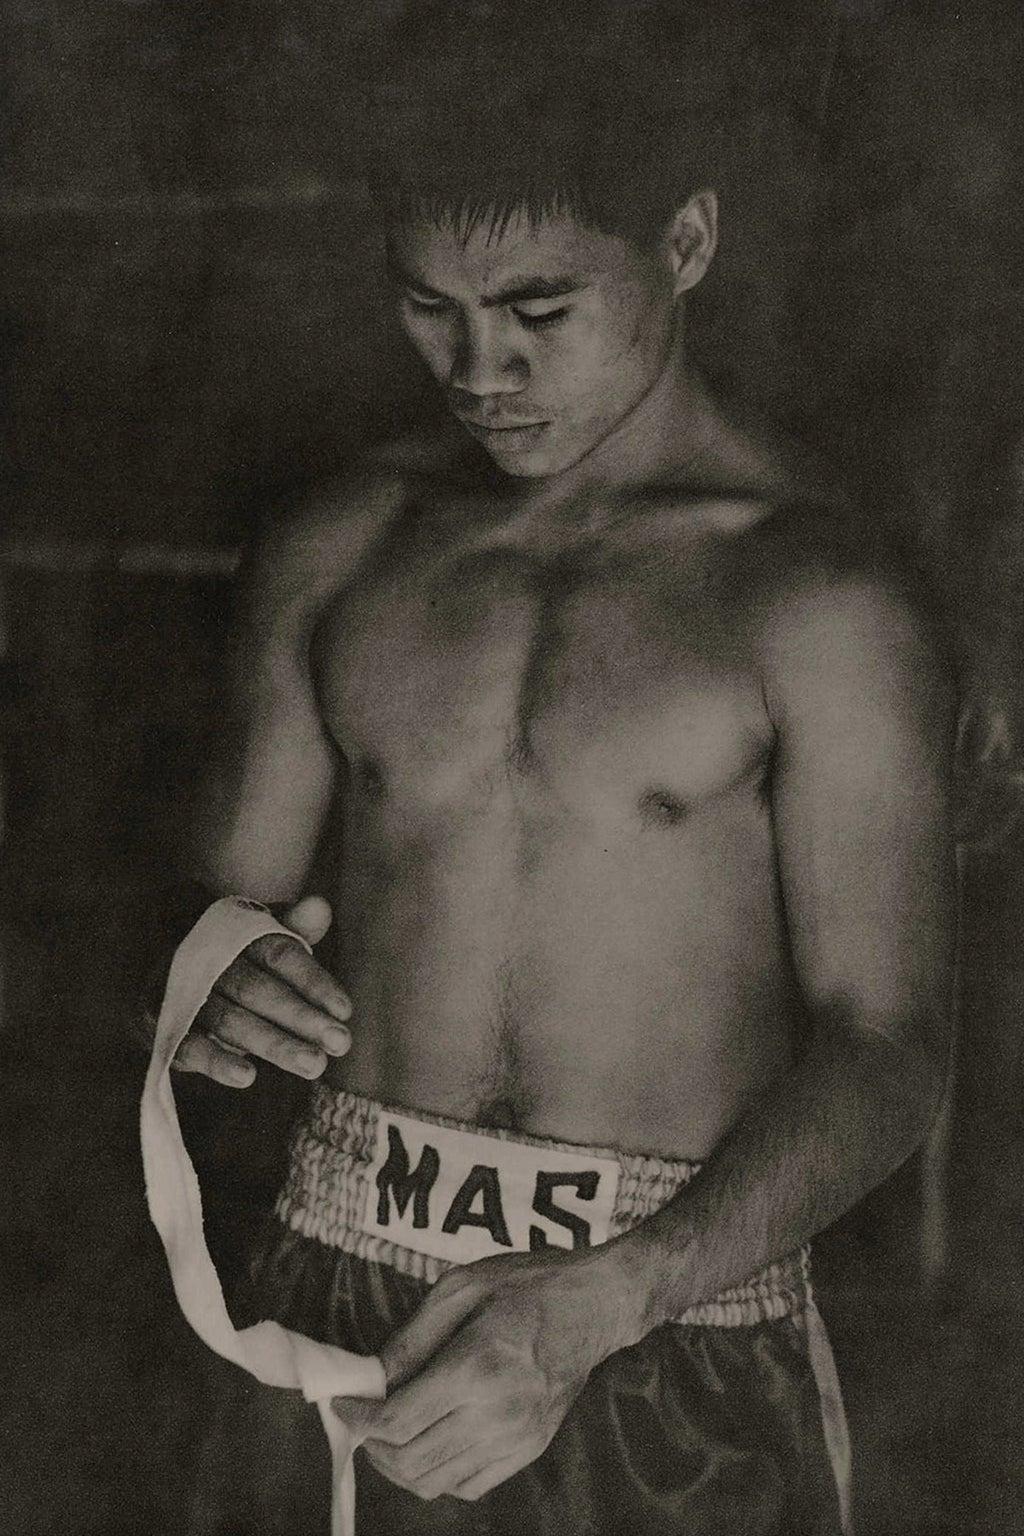 マレーシアのボクシング選手ジャウェイト。